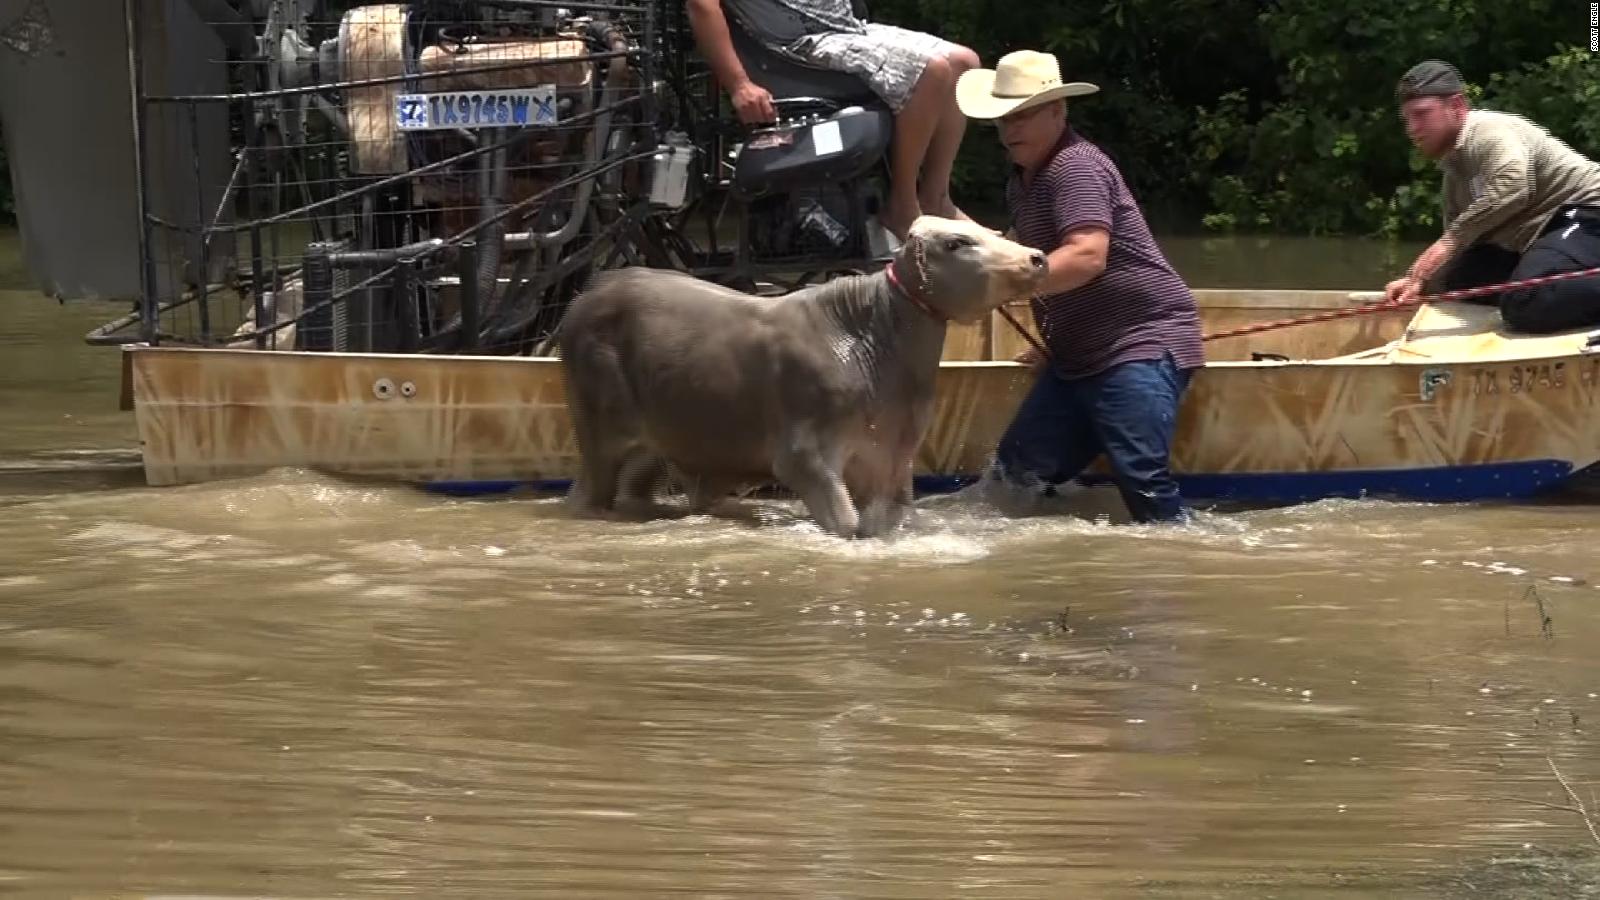 pics] Giovane vacca bagnata presa da due uomini